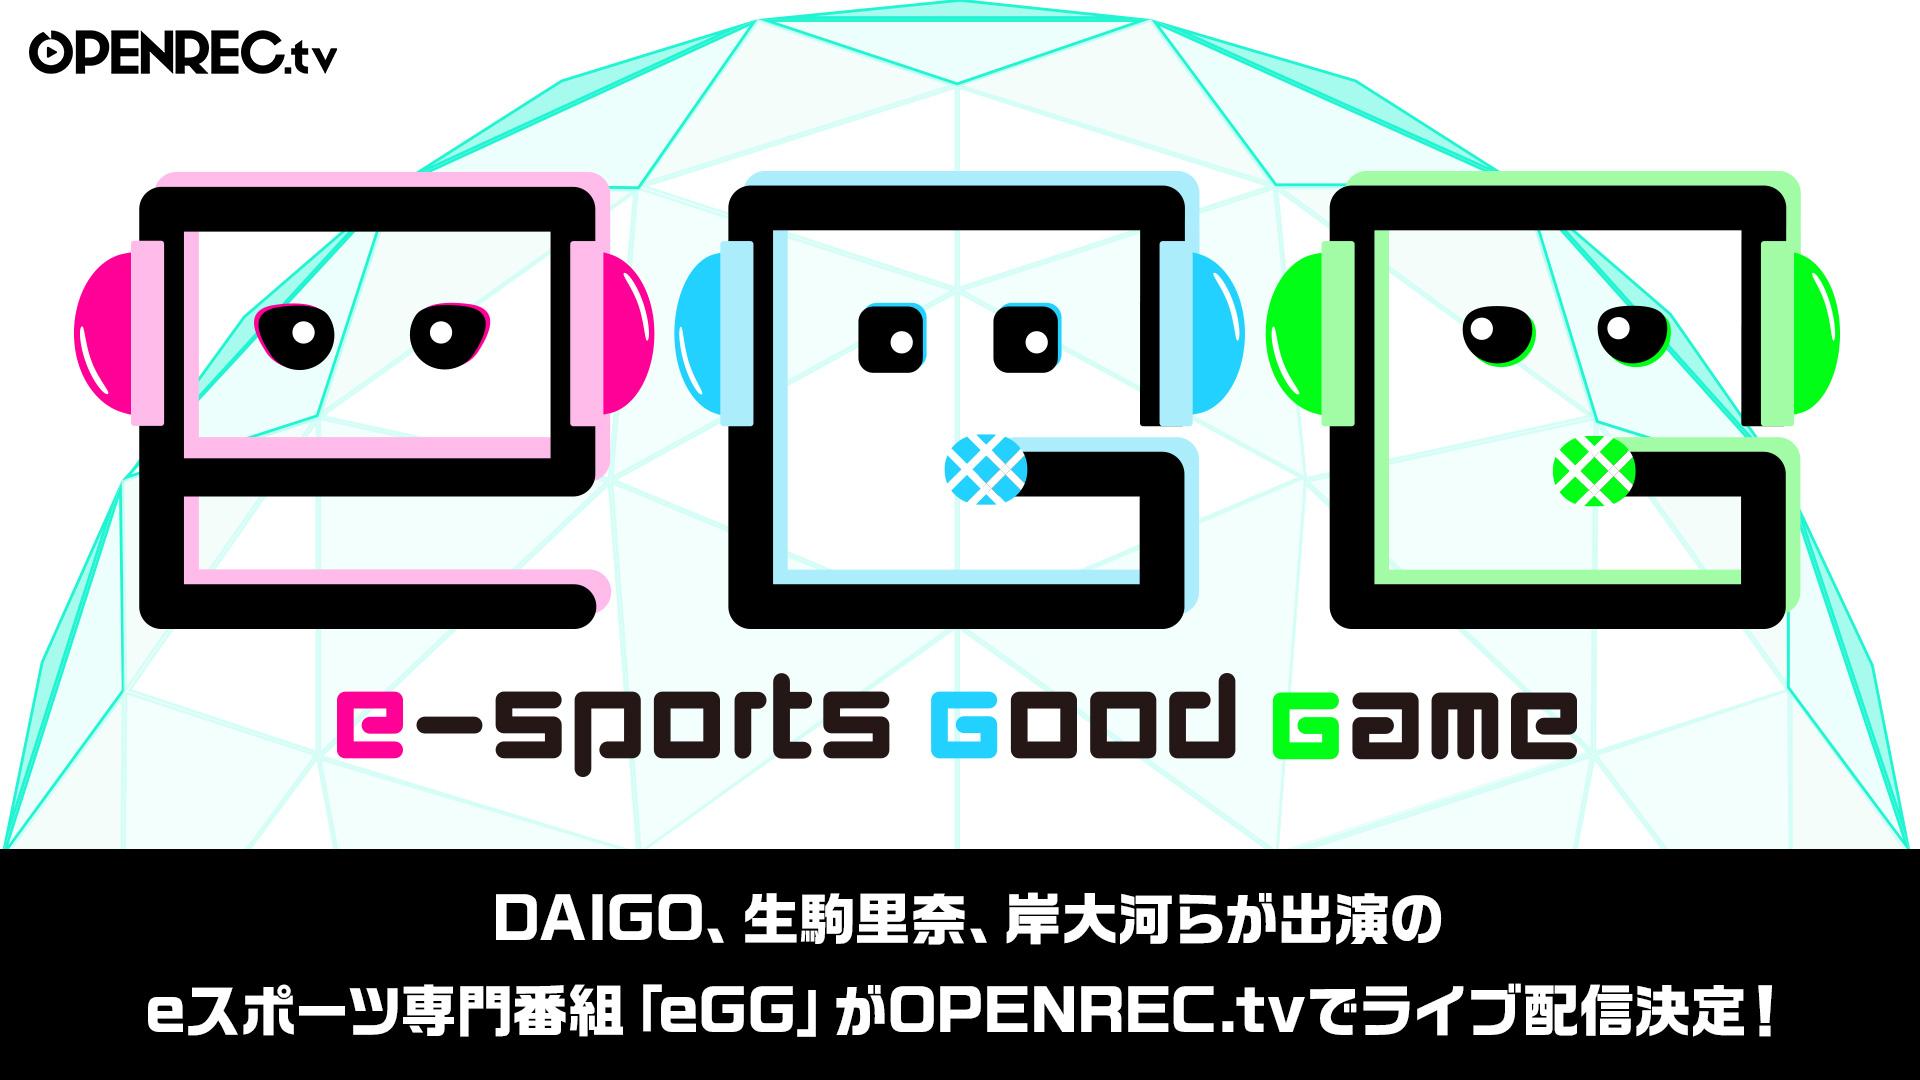 「OPENREC.tv」にて、DAIGO、生駒里奈、岸大河らが出演のeスポーツ専門番組「eGG」7月19日(月)24:59からライブ配信決定! ~DAIGO、生駒里奈が「PUBG」に挑戦!日テレ傘下のプロチーム「AXIZ」選手募集も!~